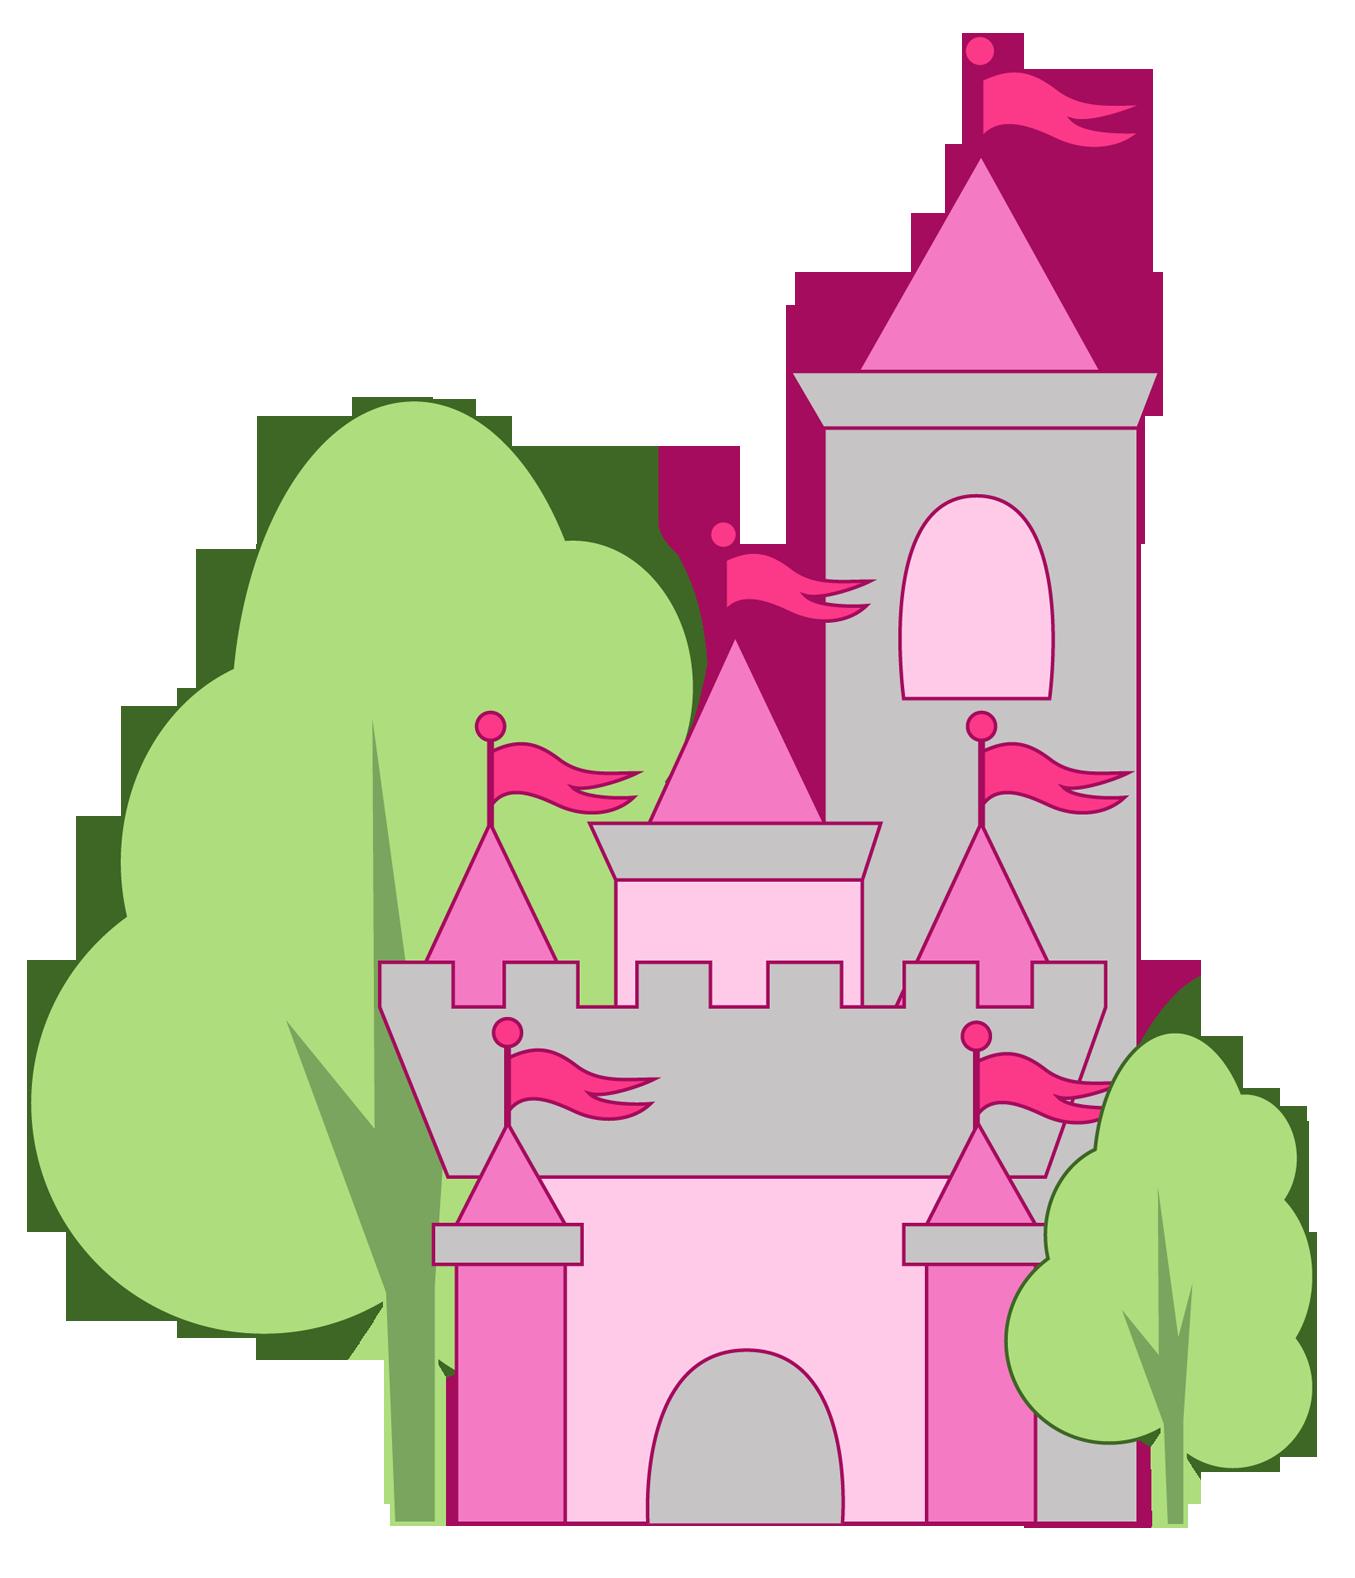 princess castle clipart free clip art images princess cards rh pinterest com princess castle clipart free princess castle clipart free